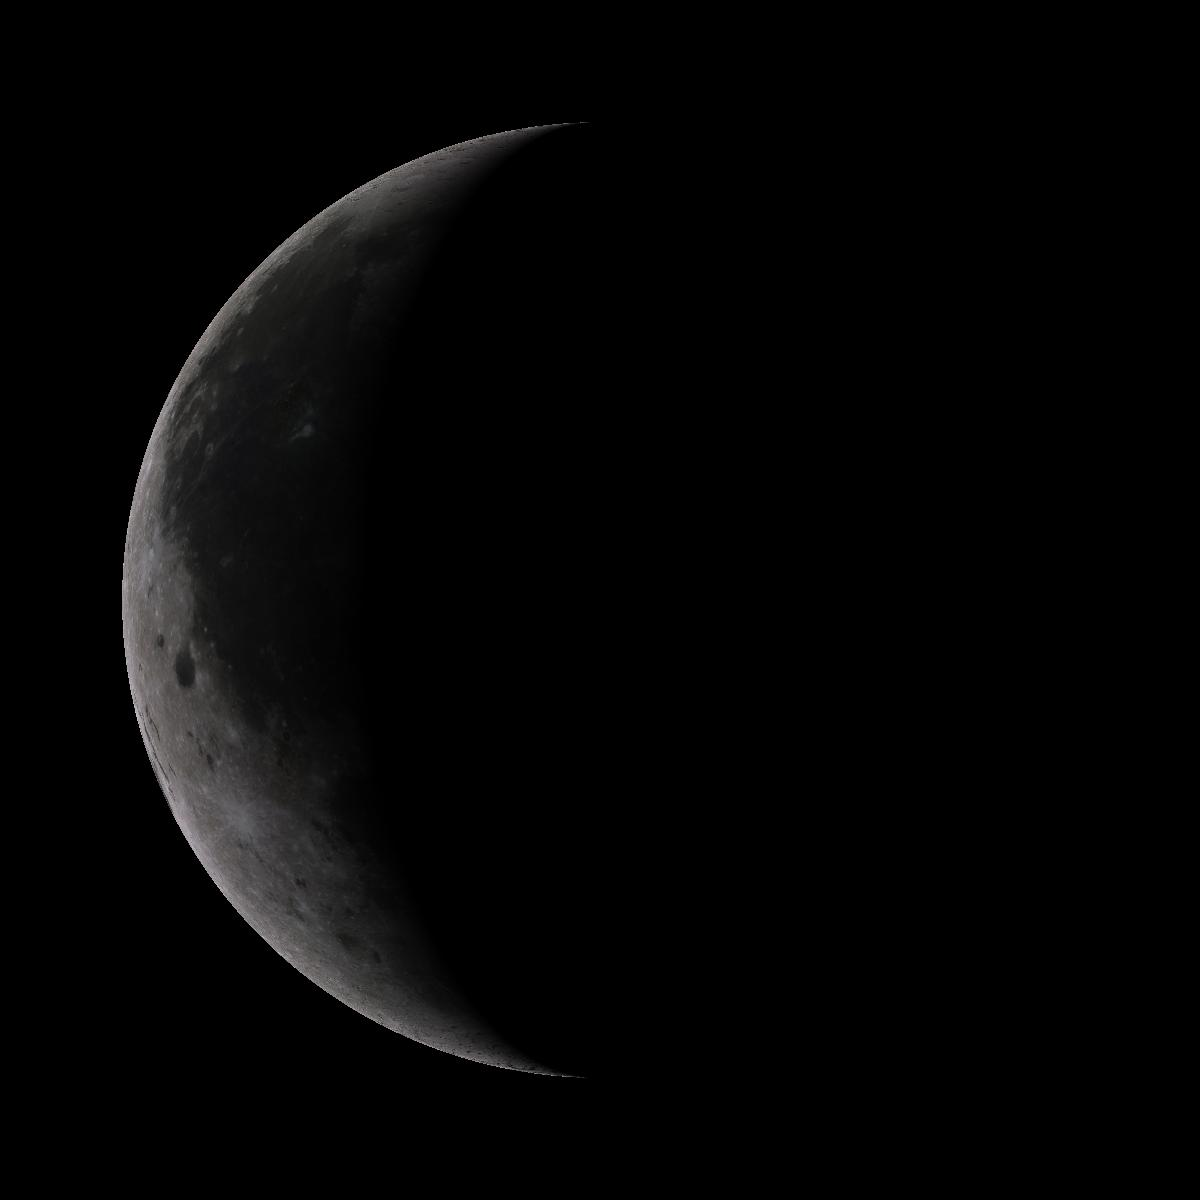 Lune du 26 aout 2019